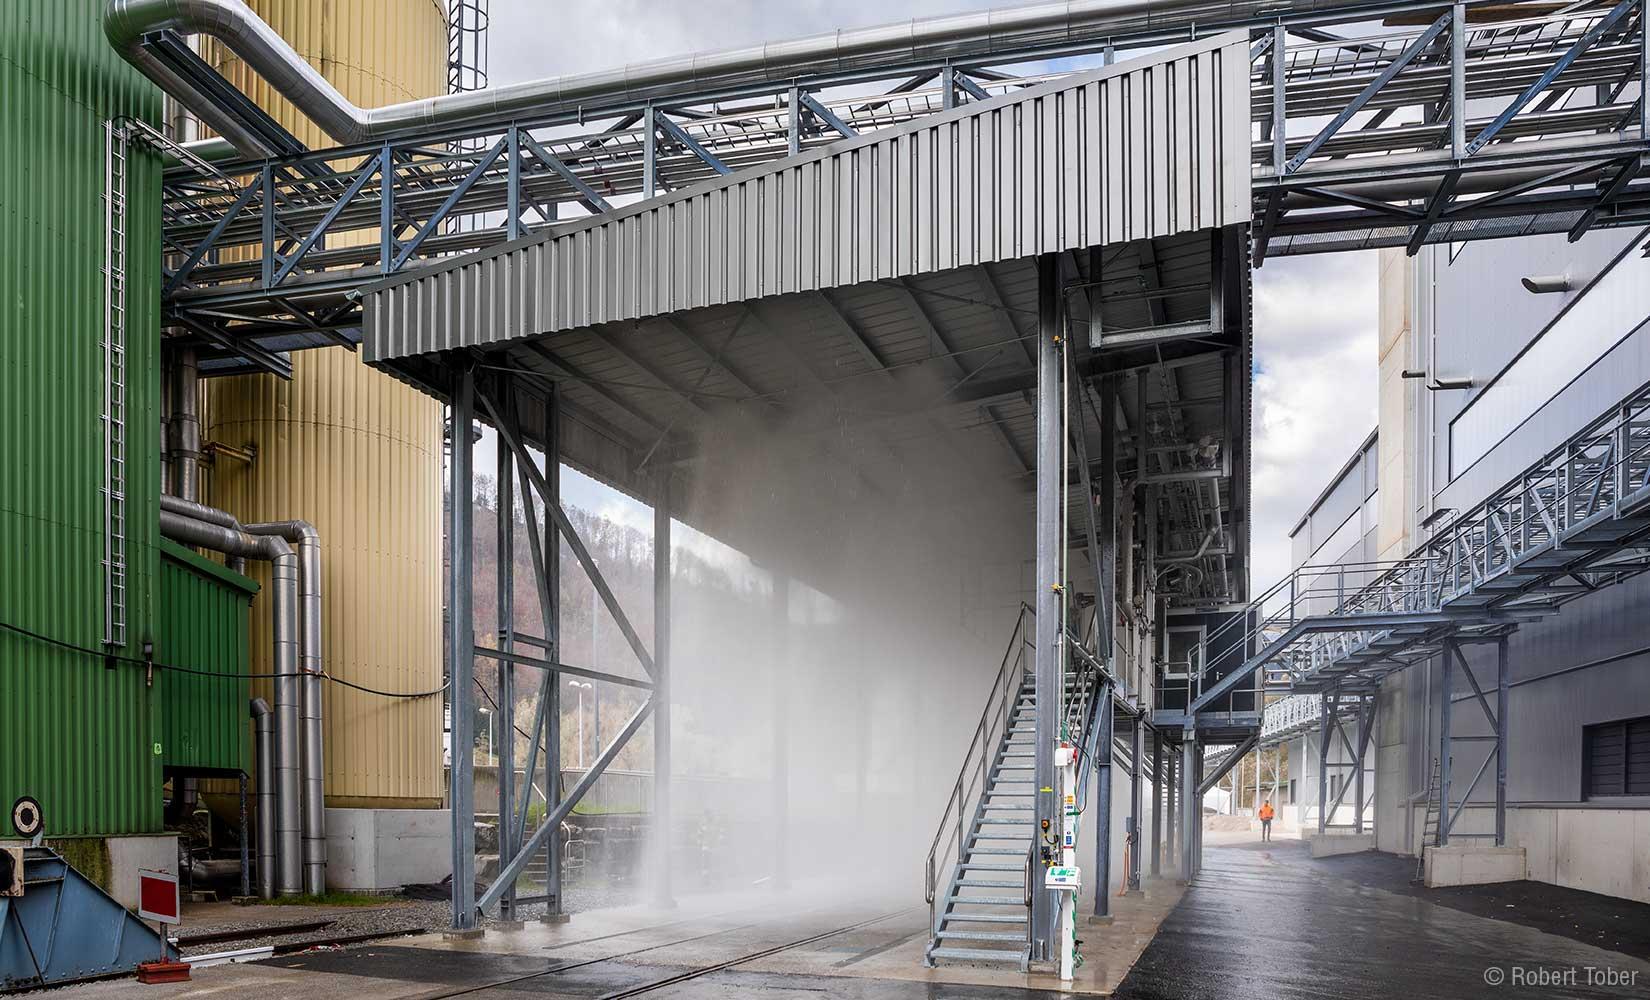 Bio-Ethanol-Anlage AustroCel Hallein. Verladestation mit Sprühflutanlage. © Robert Tober Photography · www.toro.cc